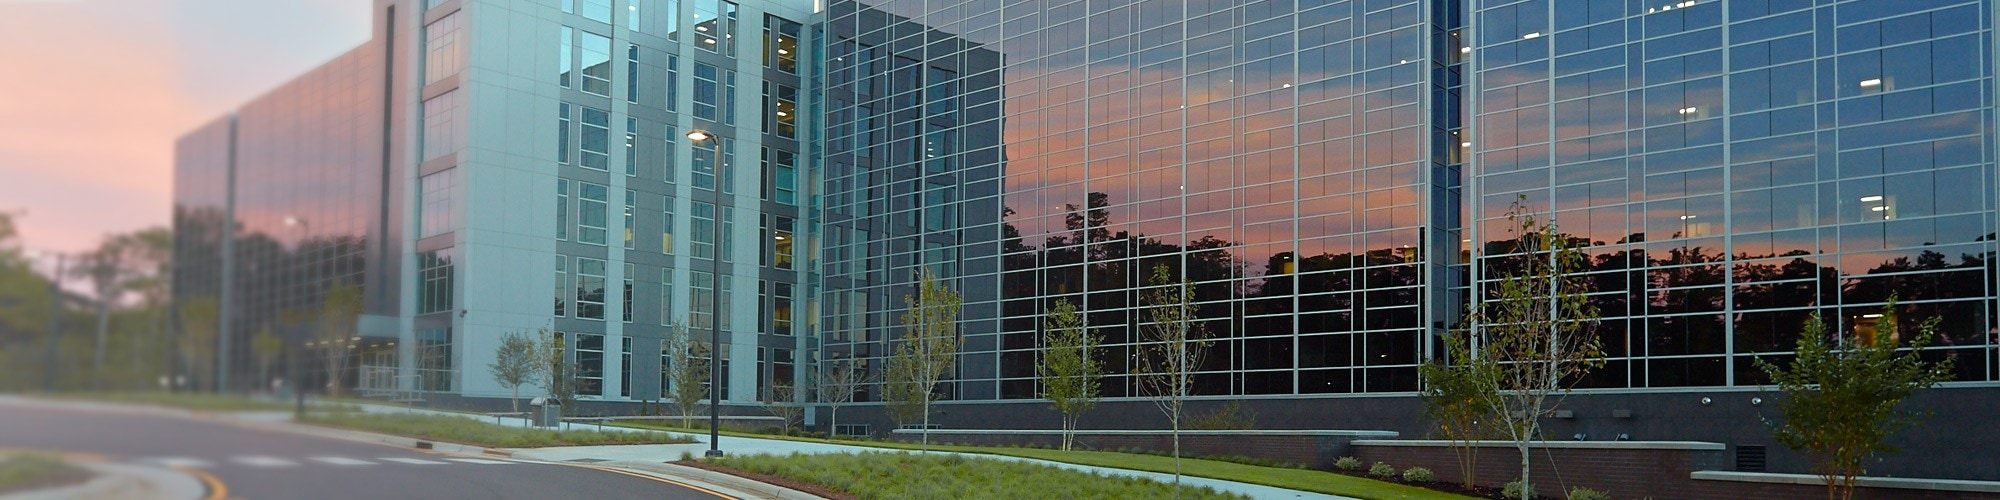 SASキャンパス(ノースカロライナ州キャリー)のQ号棟の外観